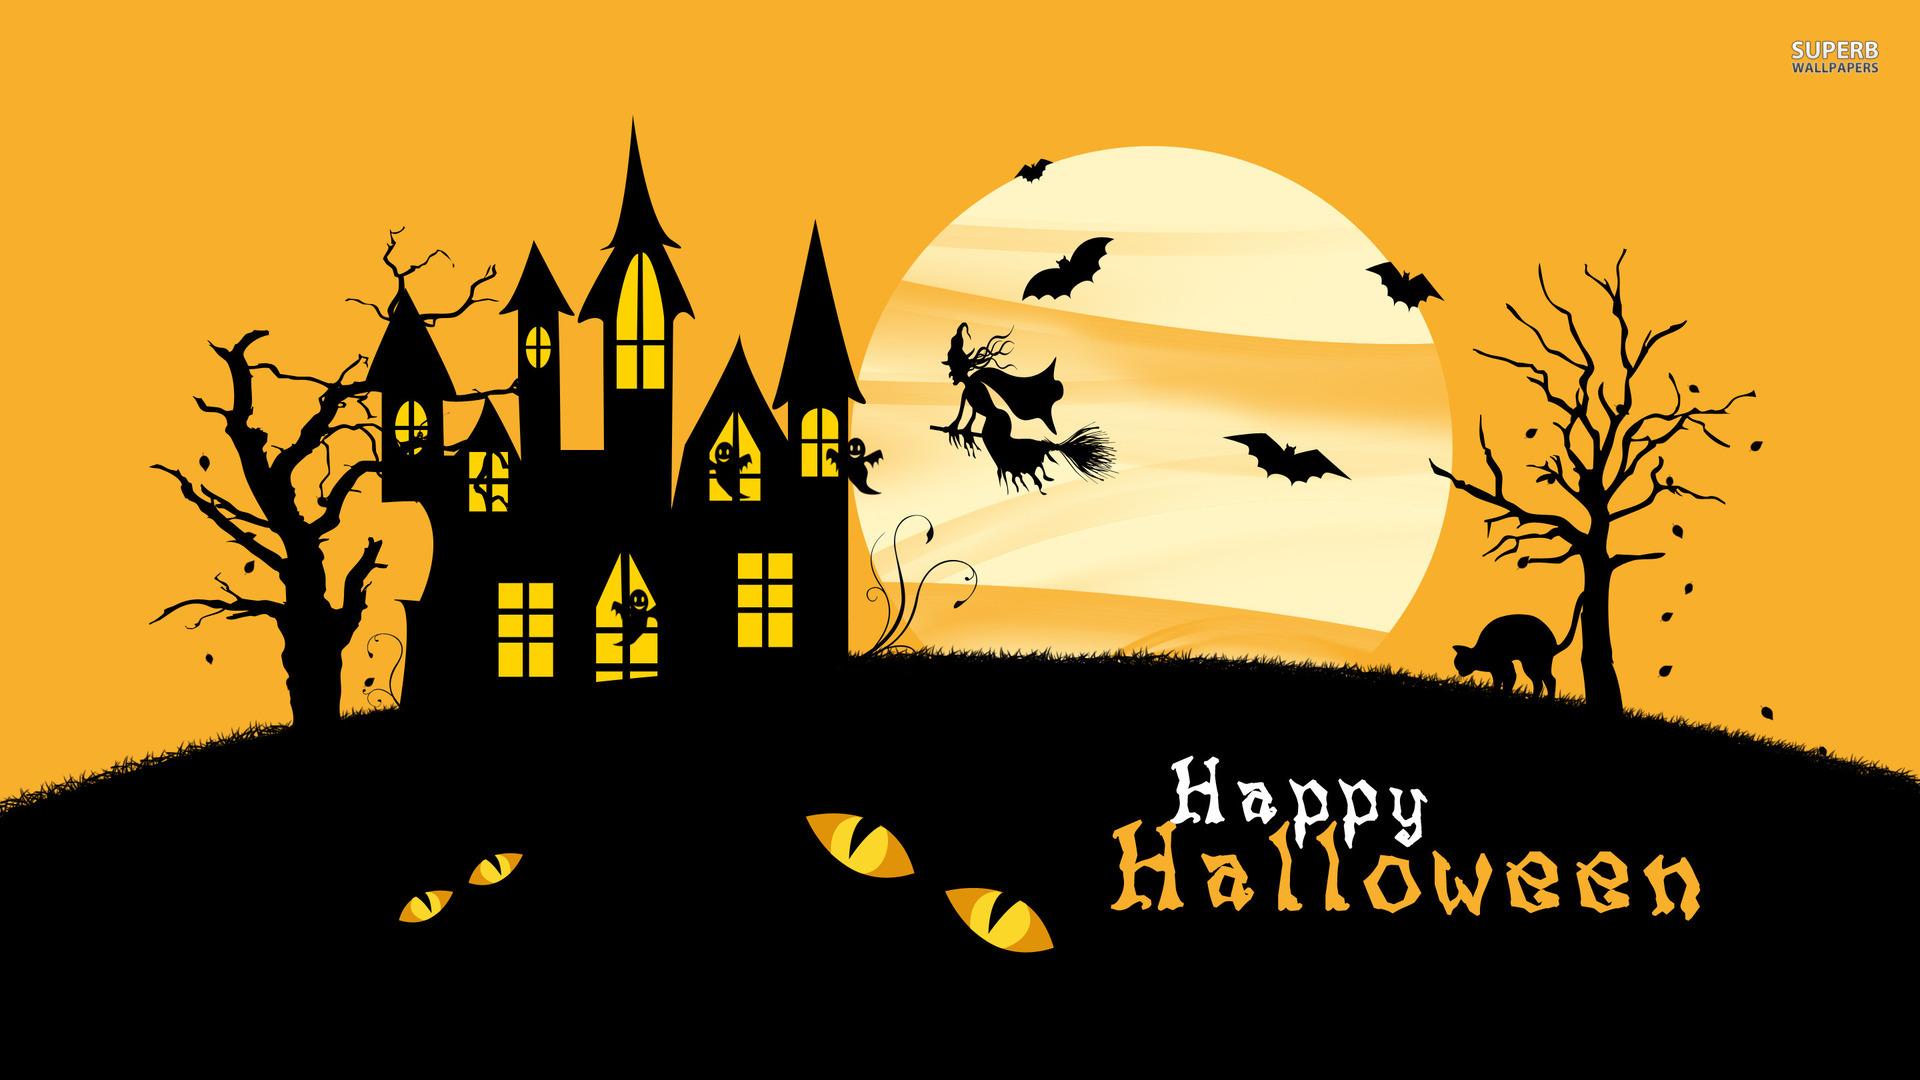 Unique 100 Happy Halloween Images Pictures Photos Clipart